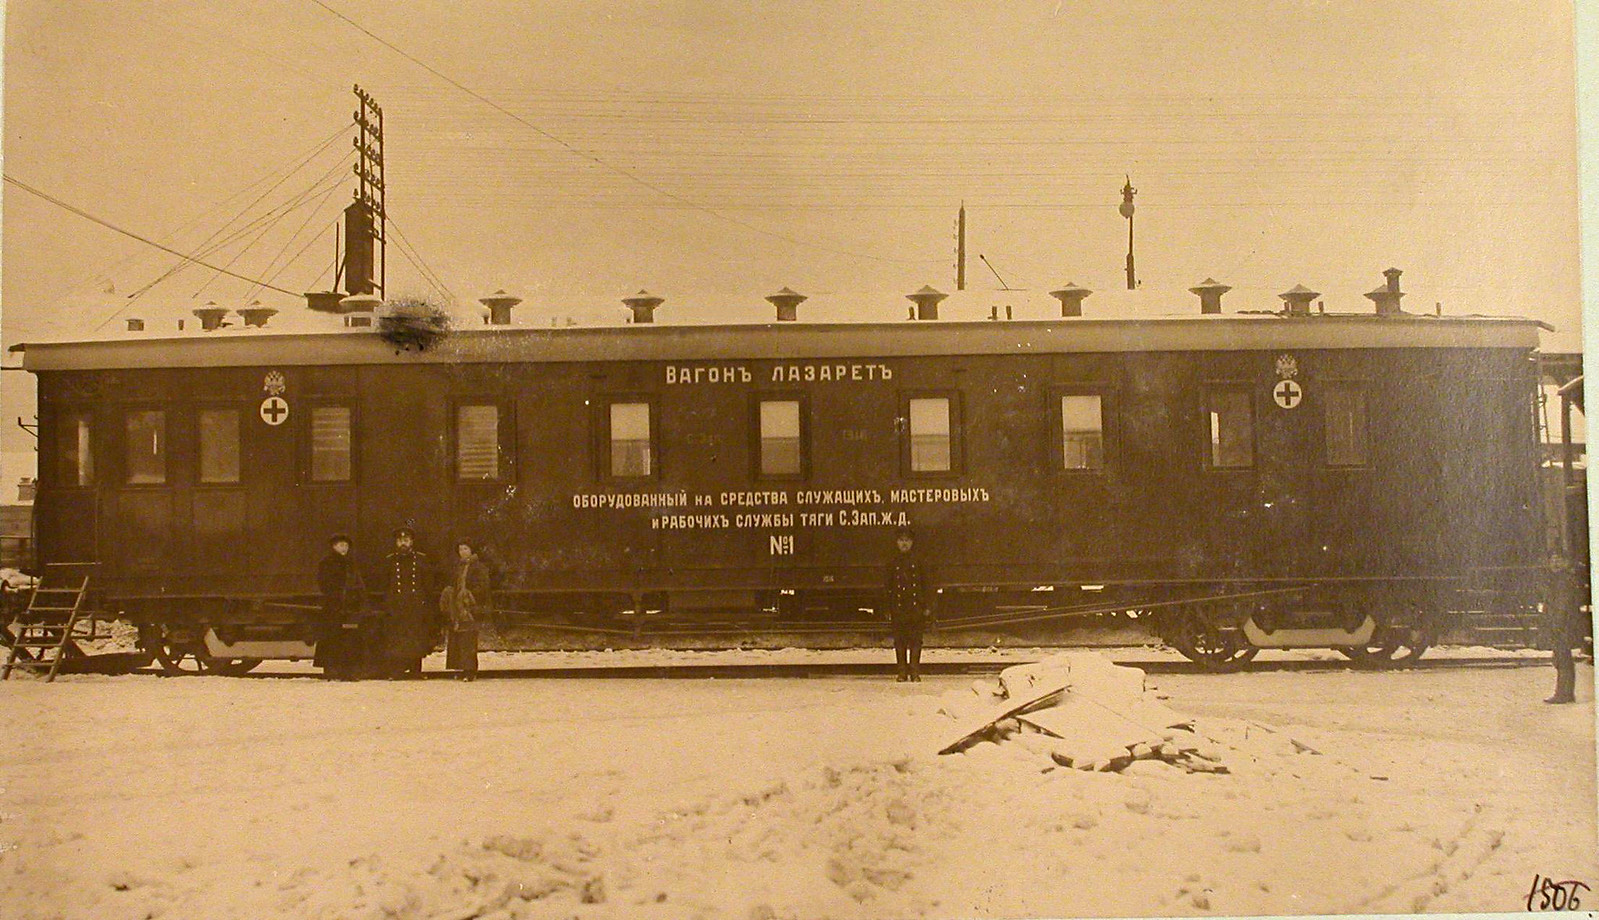 Служащие у вагона-лазарета, оборудованного на средства служащих и рабочих службы тяги Северо-Западной железной дороги